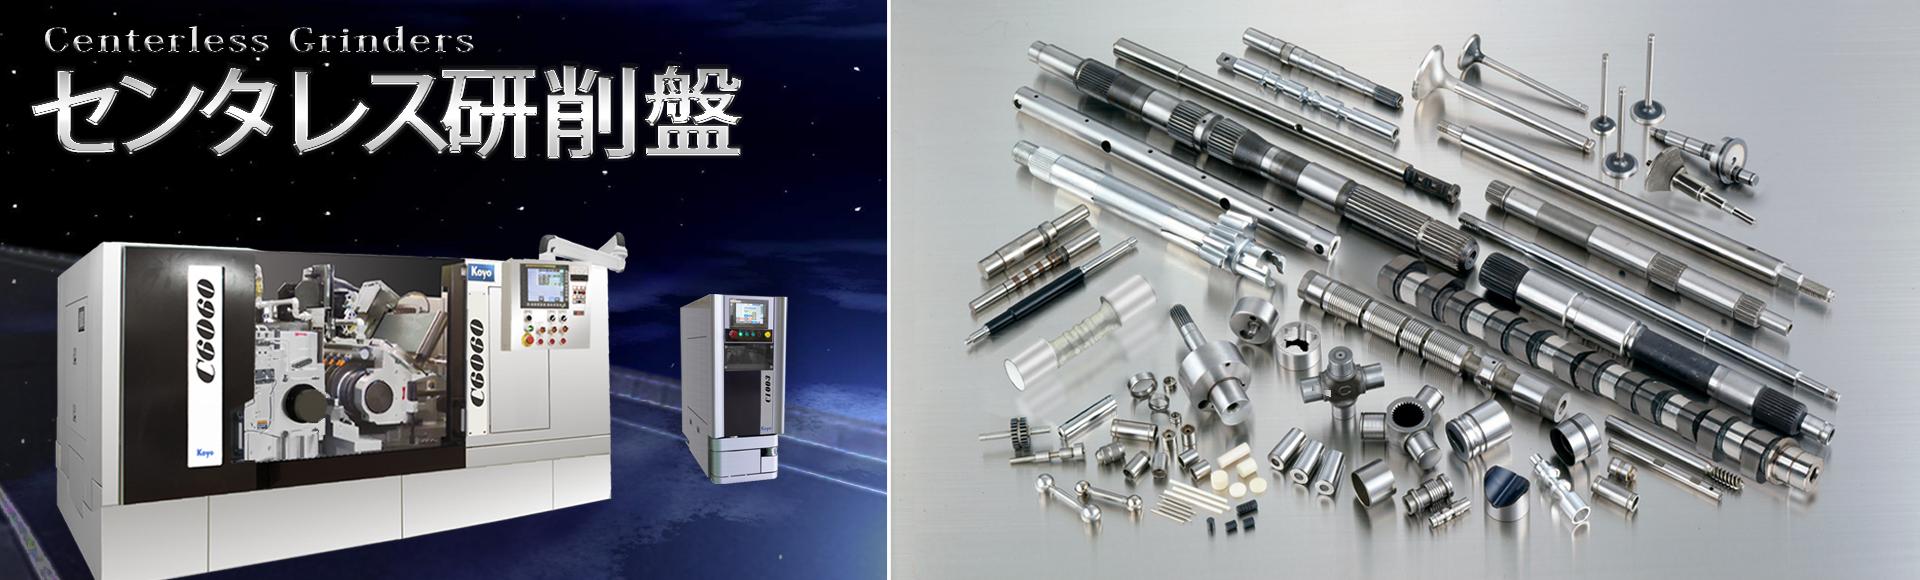 光洋機械工業 センタレス研削盤